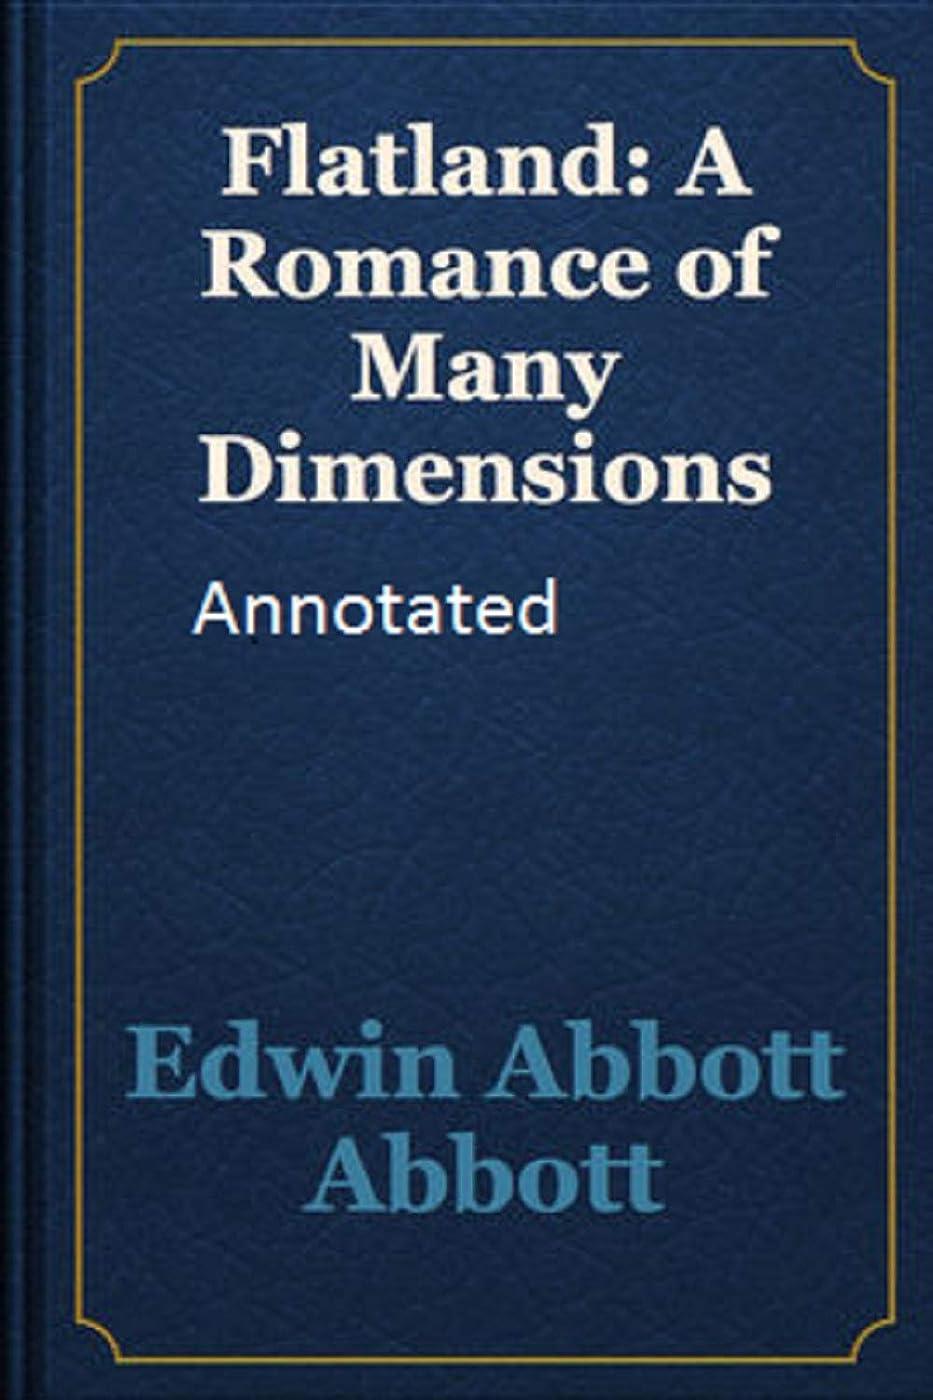 先行するこれまで純度Flatland: A Romance of Many Dimensions Annotated (English Edition)